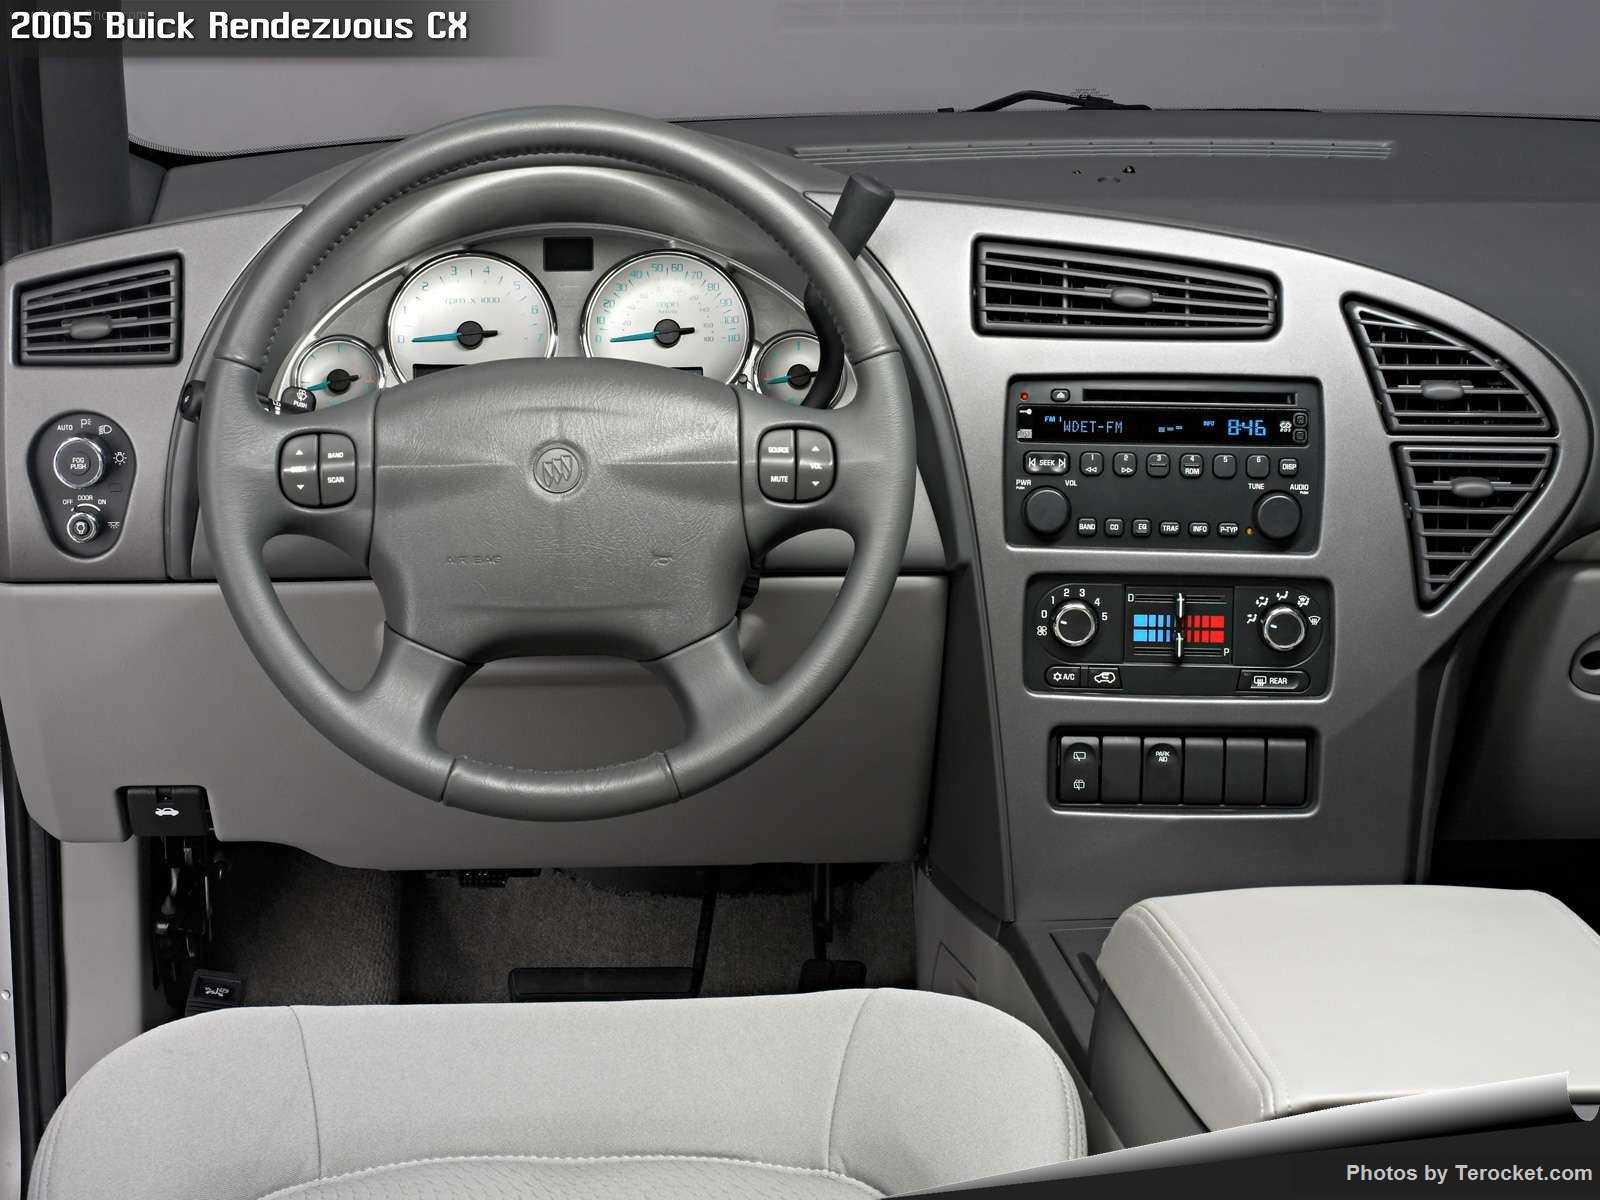 Hình ảnh xe ô tô Buick Rendezvous CX 2005 & nội ngoại thất